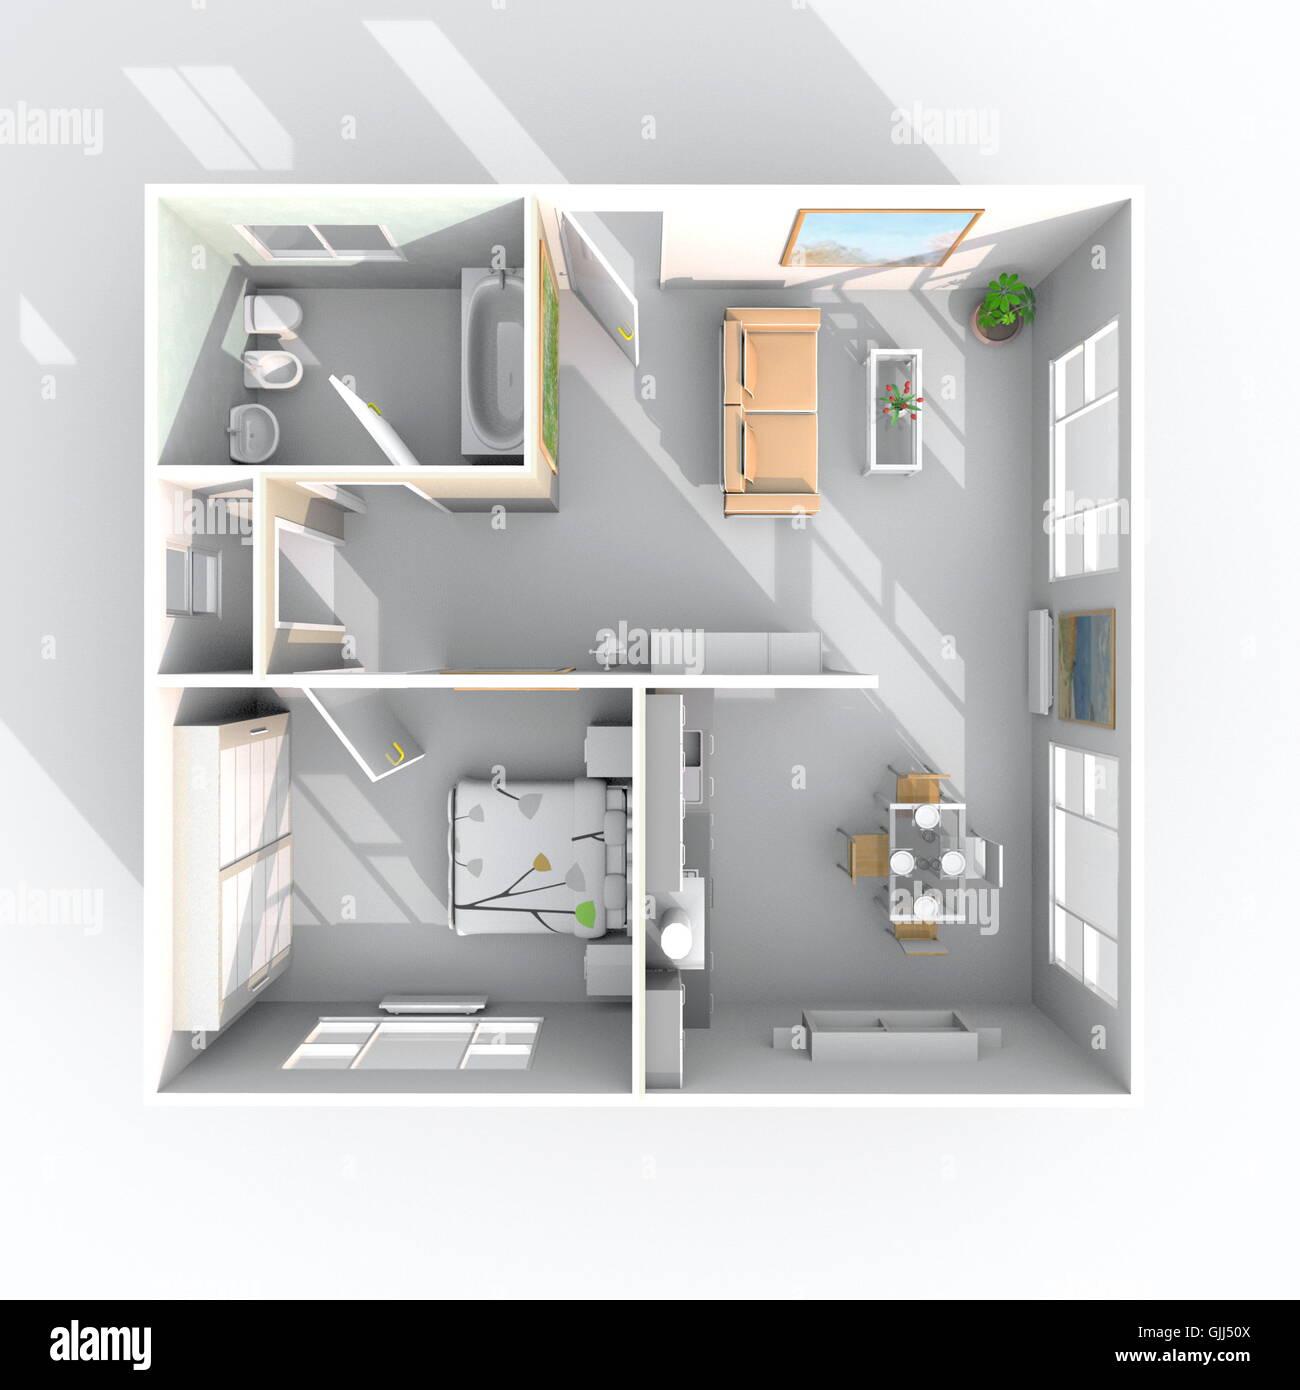 Ungewöhnlich Haus Design Draufsicht Zeitgenössisch - Images for ...